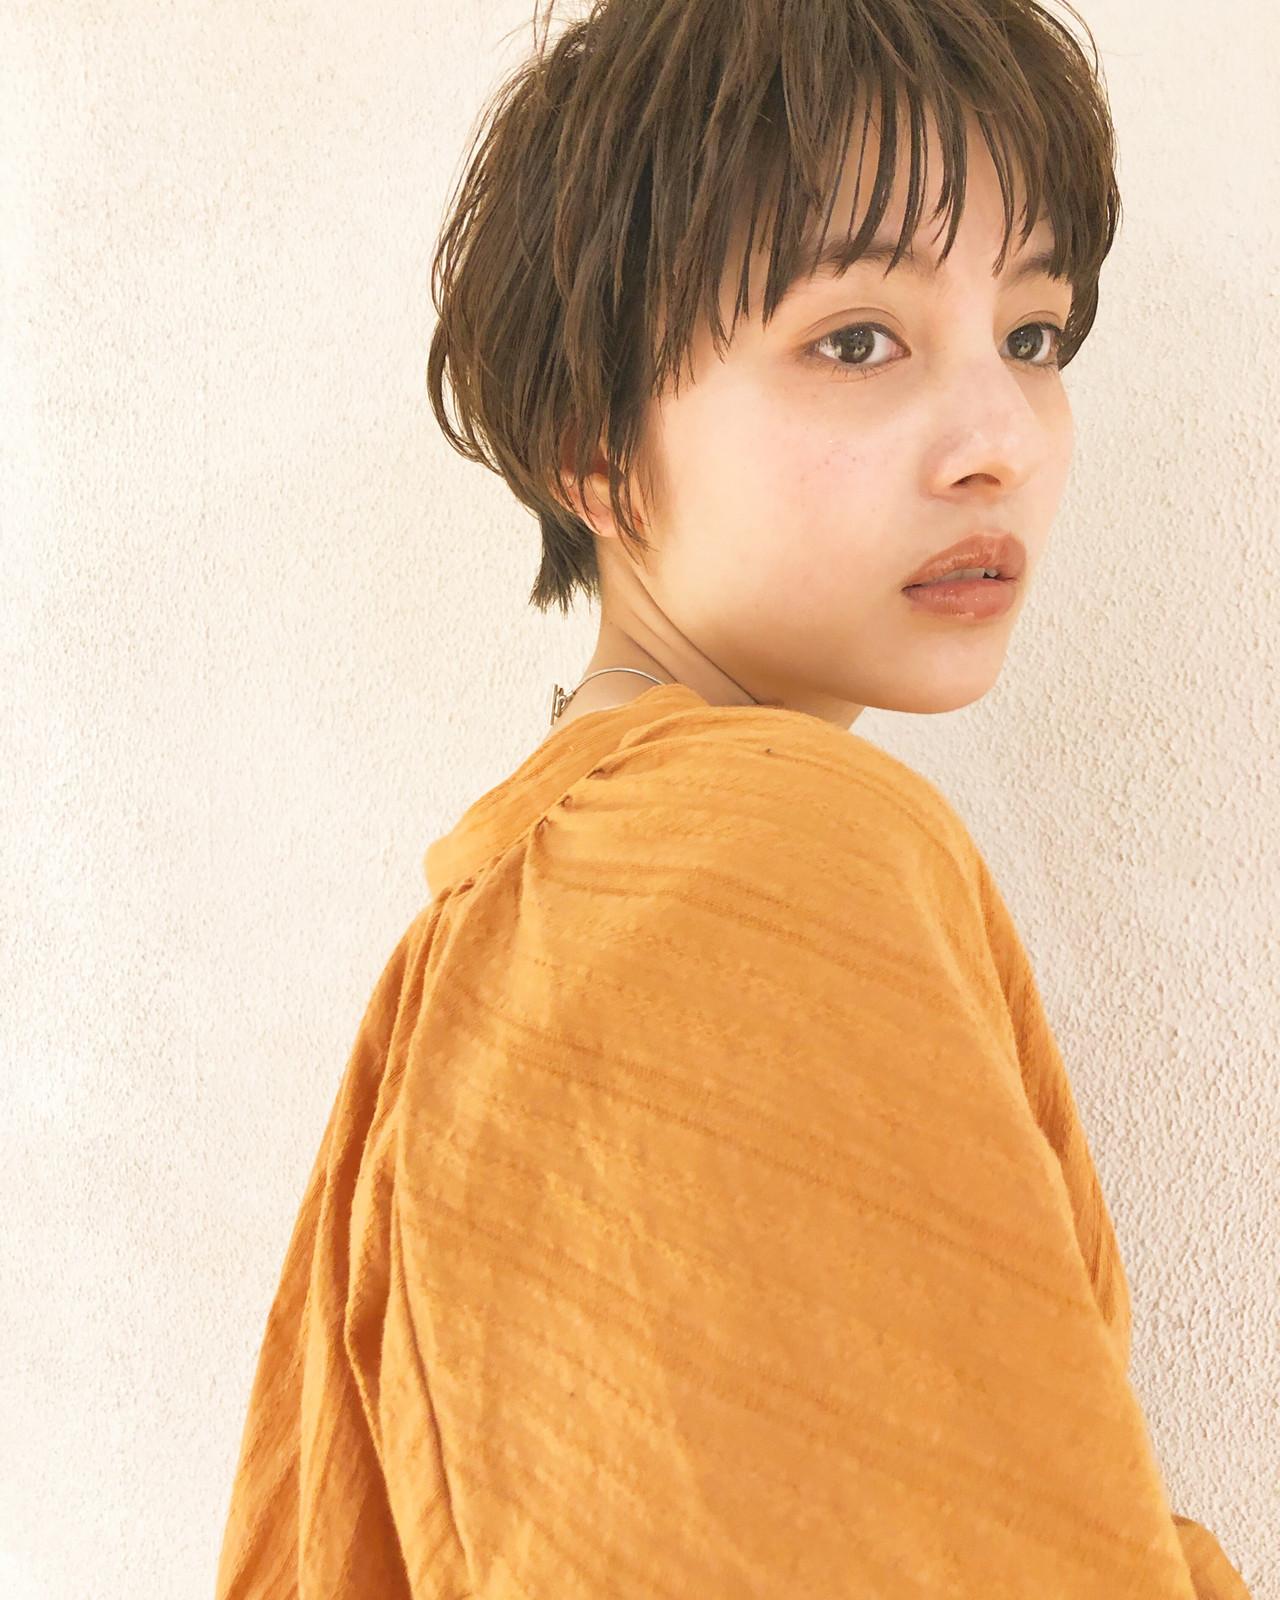 ナチュラルベージュ ヘアアレンジ アンニュイ ハイライト ヘアスタイルや髪型の写真・画像 | Suguru Komuro / Quown'   ( クオン )